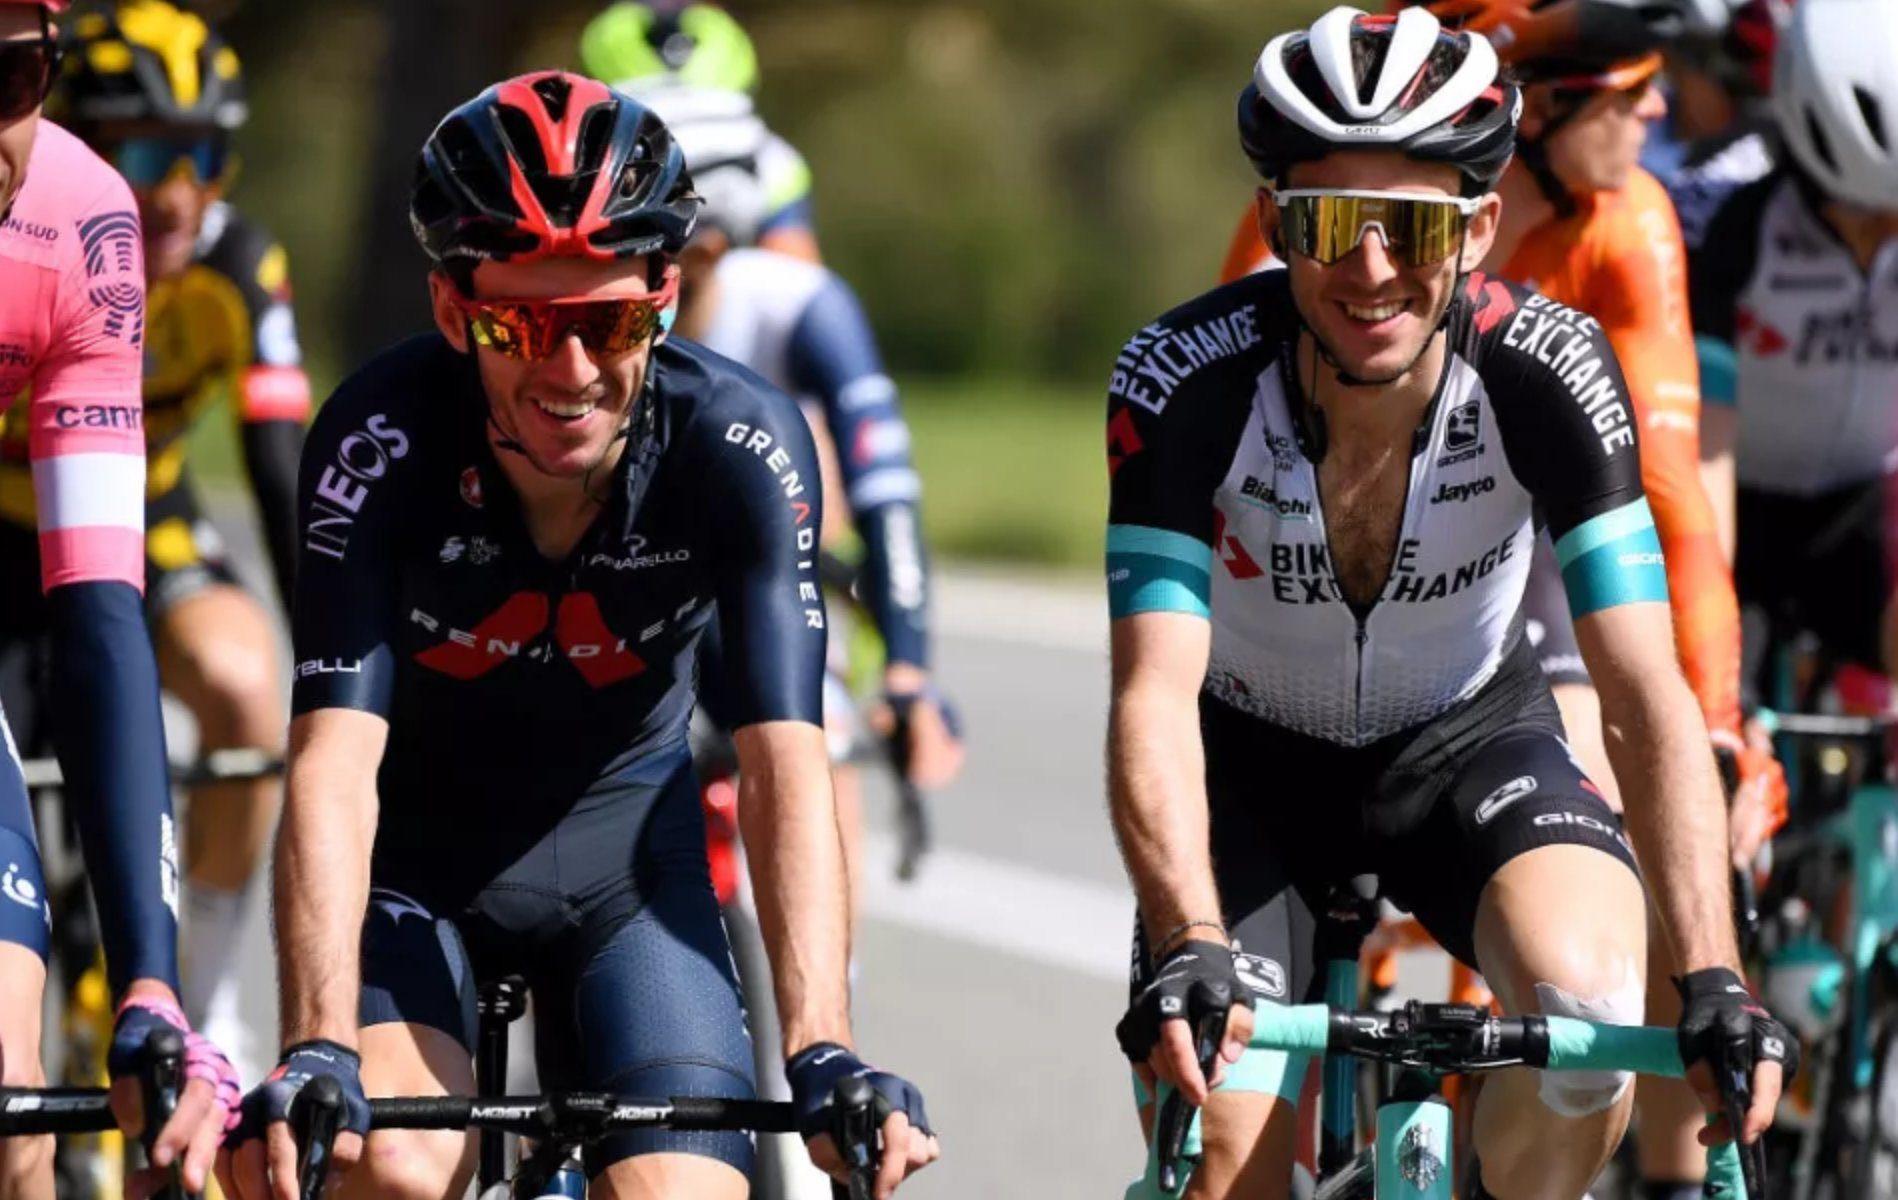 """Андреас Крон выиграл первый этап велогонки """"Вуэльта Каталонии"""""""